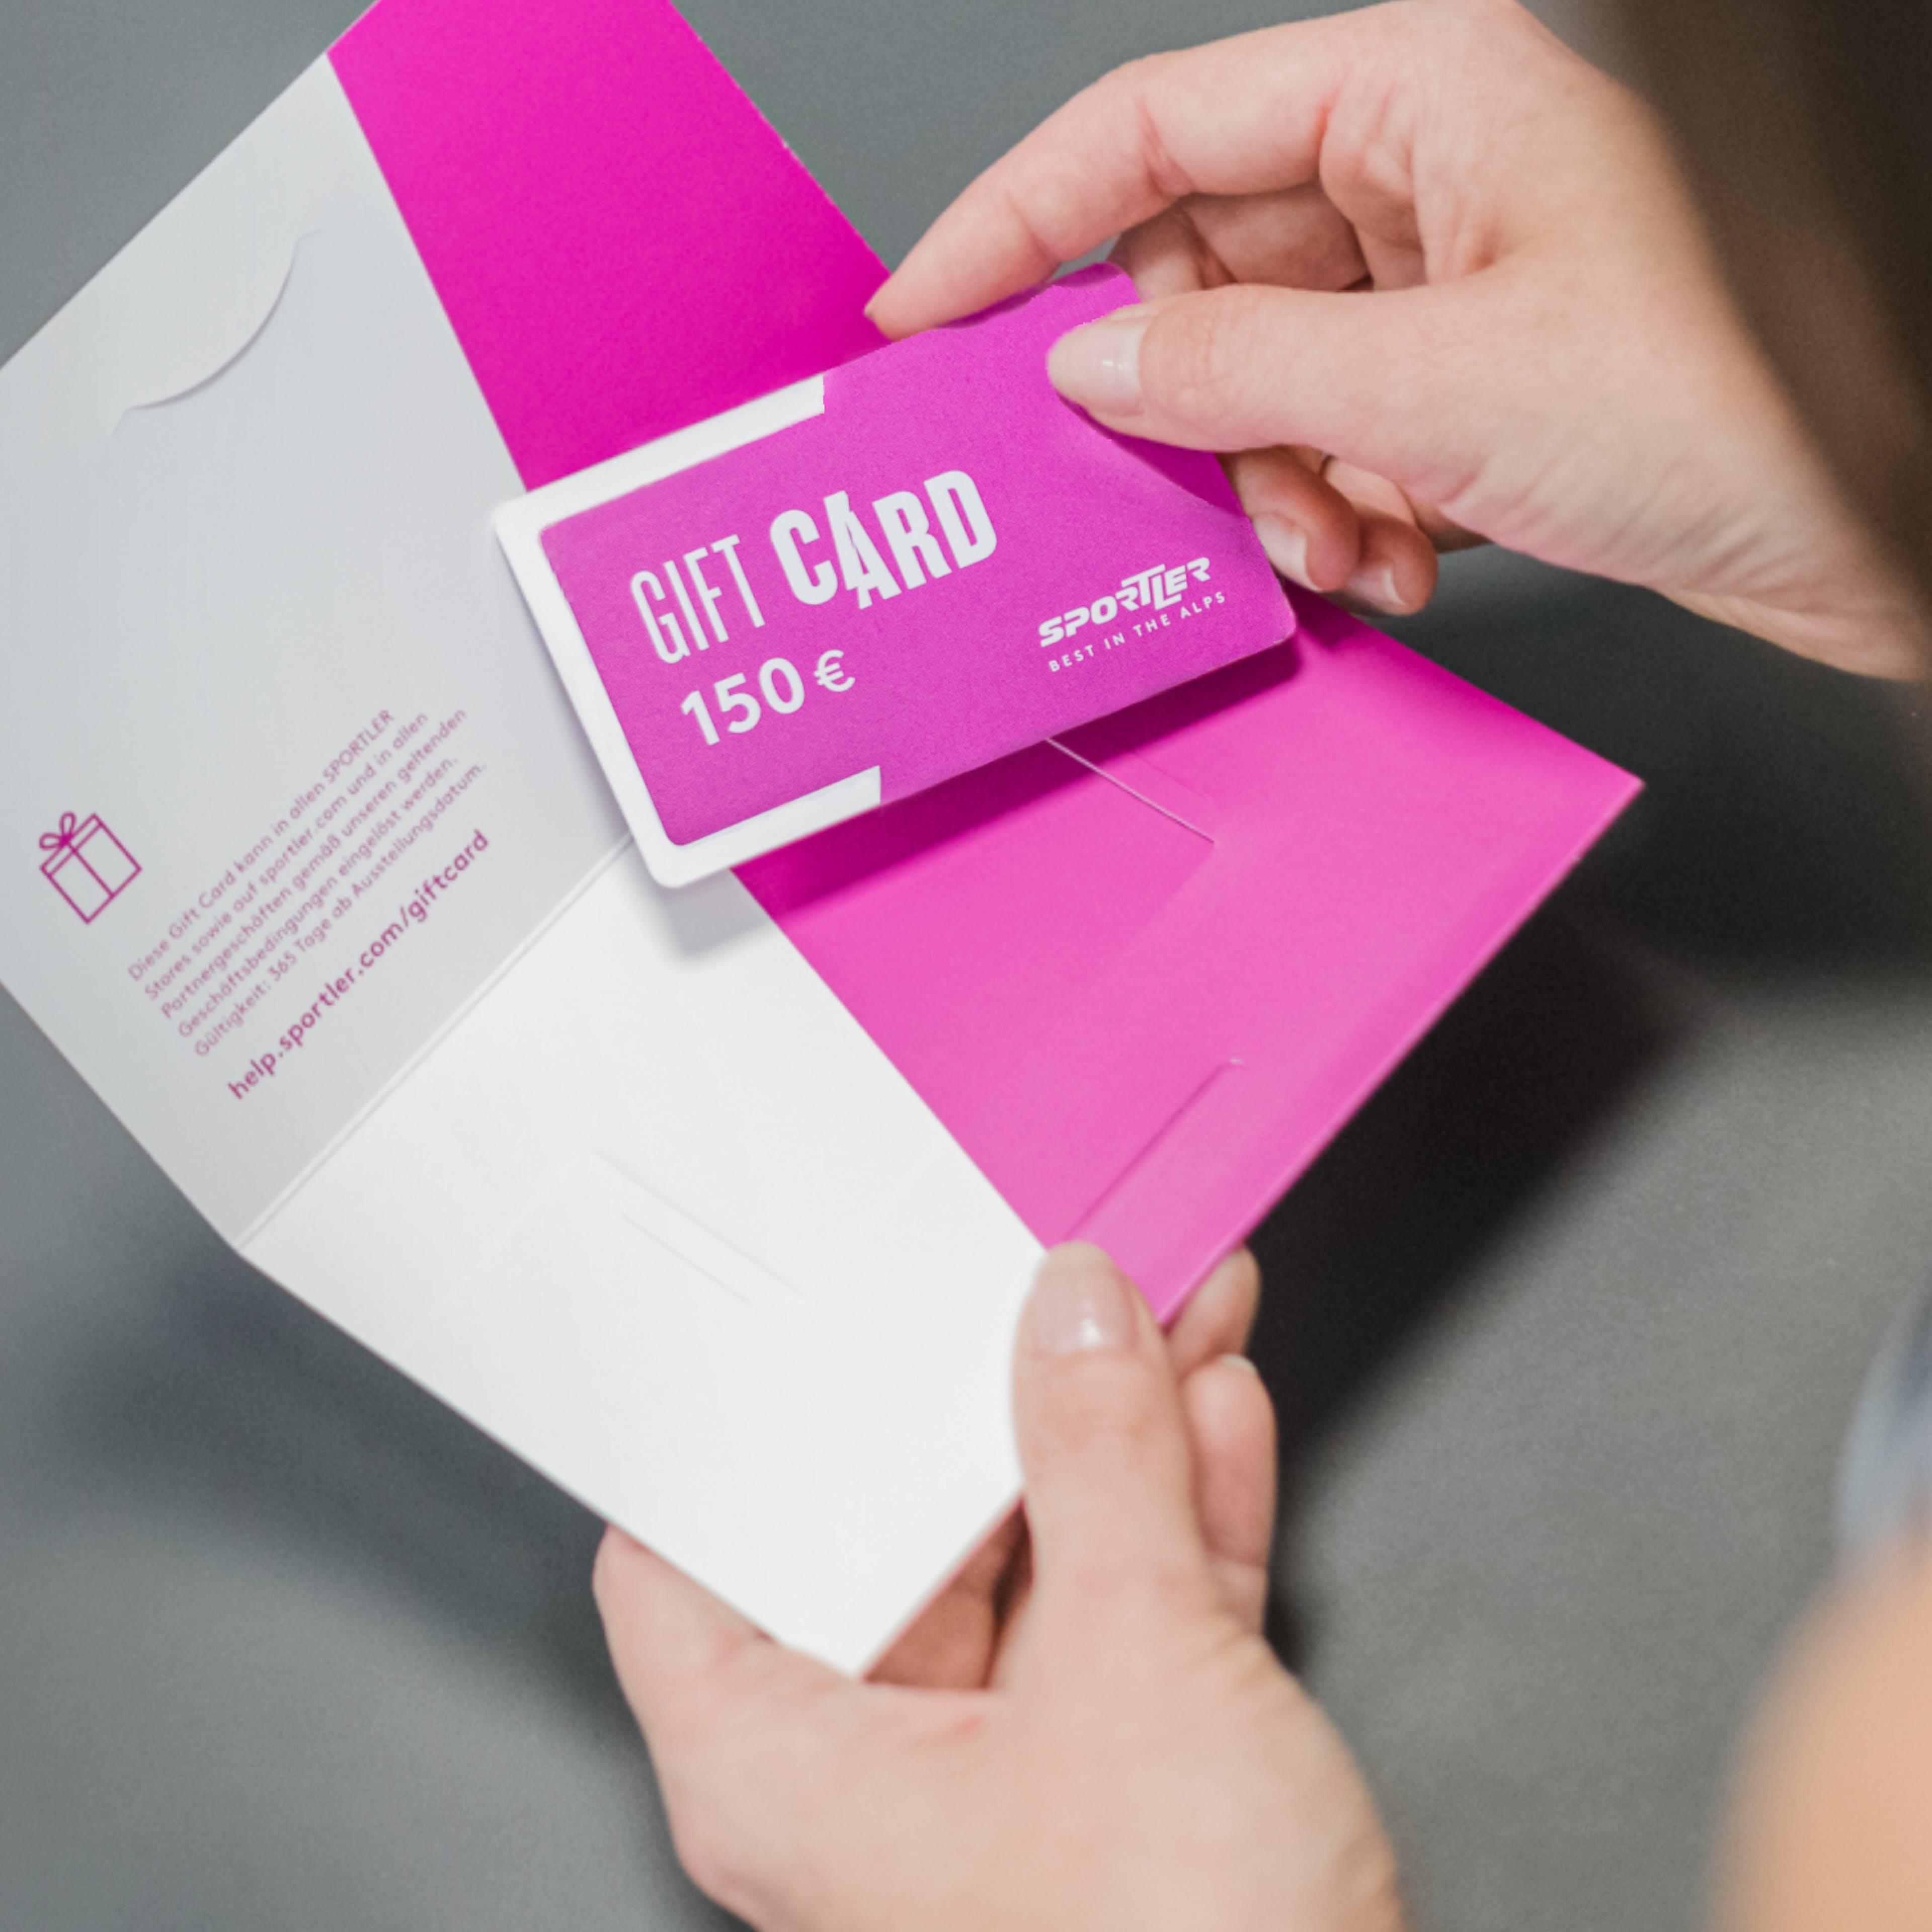 Sportler Gift Card per le aziende